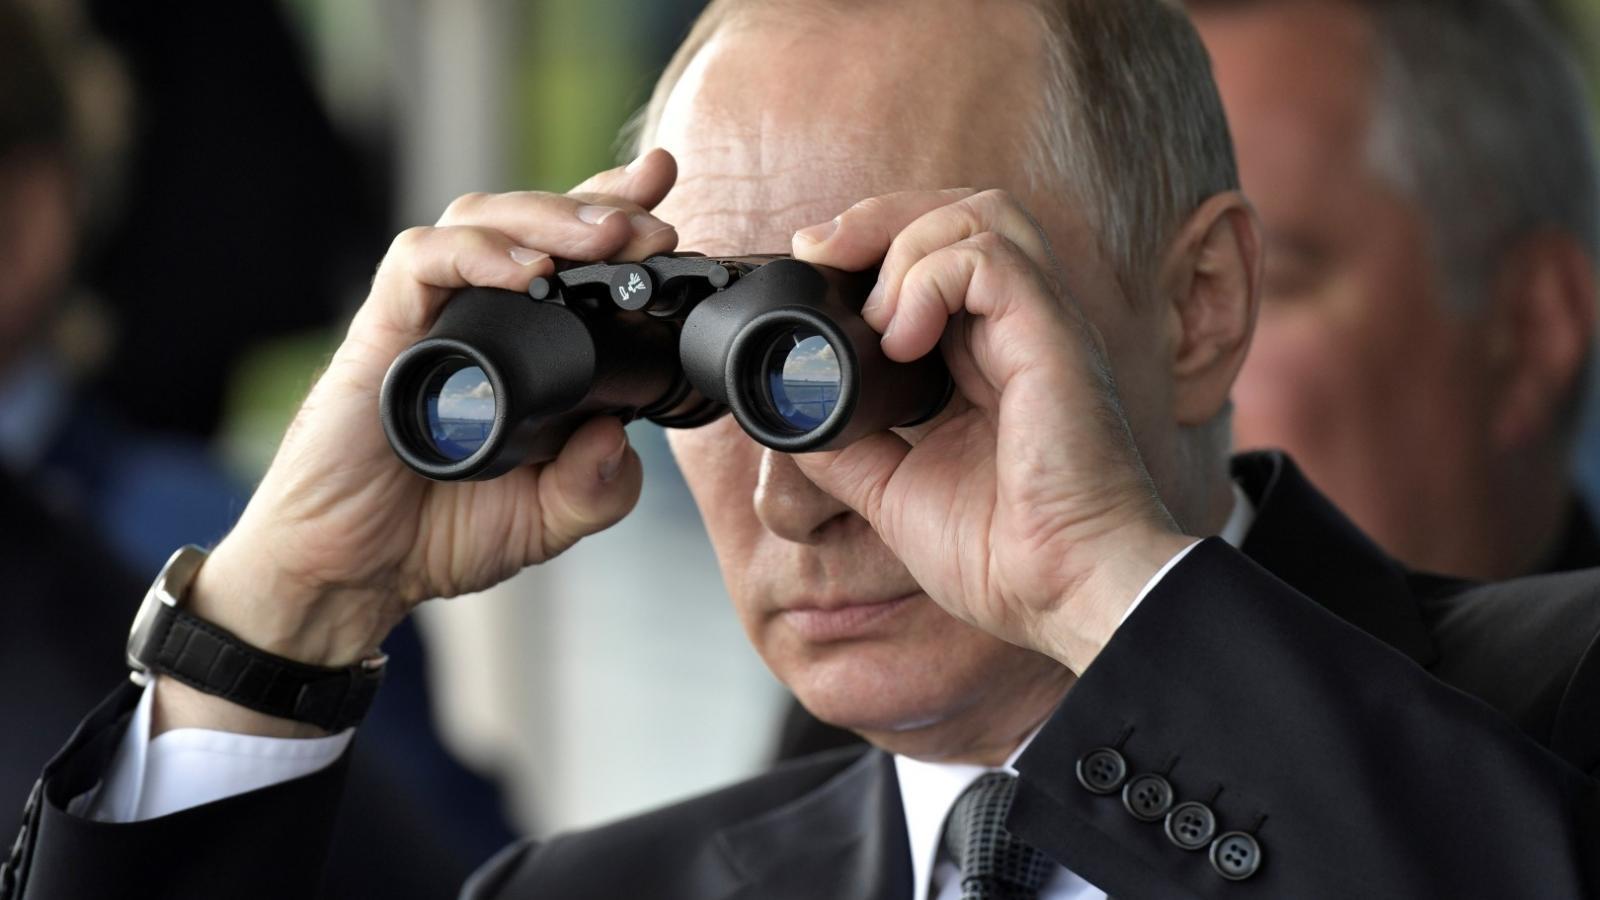 В Вологде создают систему слежки за сотрудниками